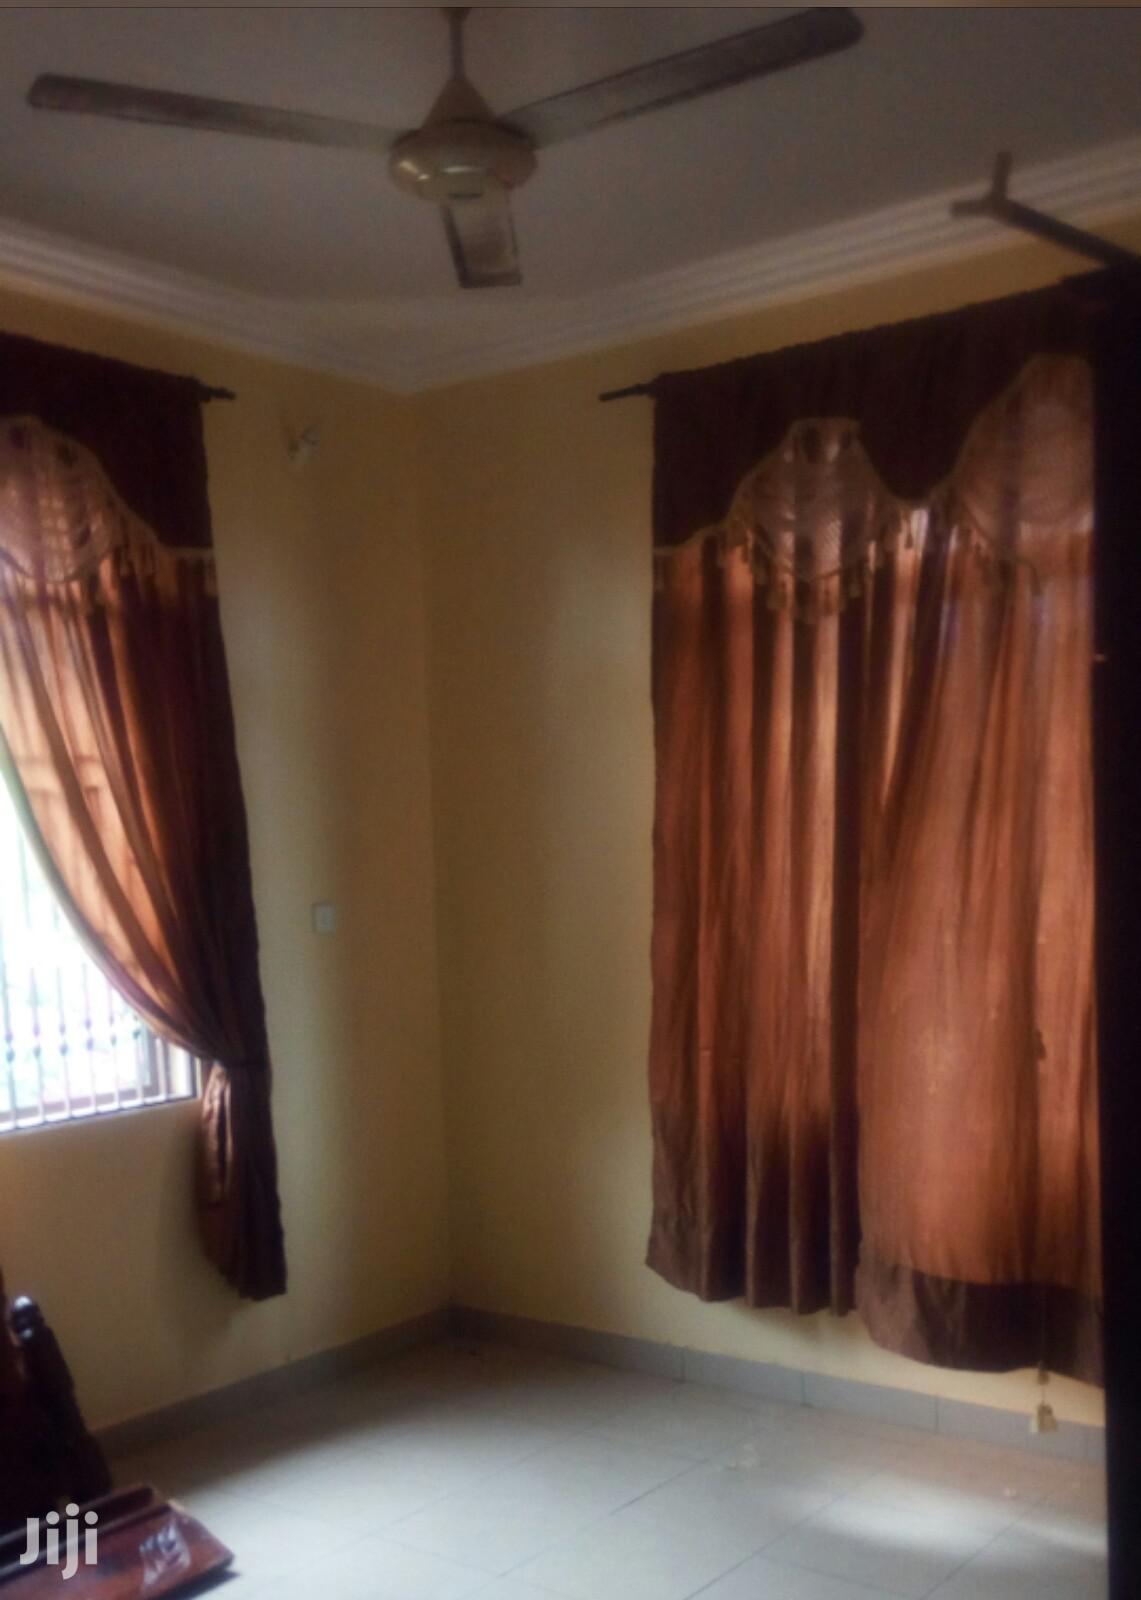 3 Bedrooms House Inapangishwa, Kigamboni | Houses & Apartments For Rent for sale in Kigamboni, Temeke, Tanzania